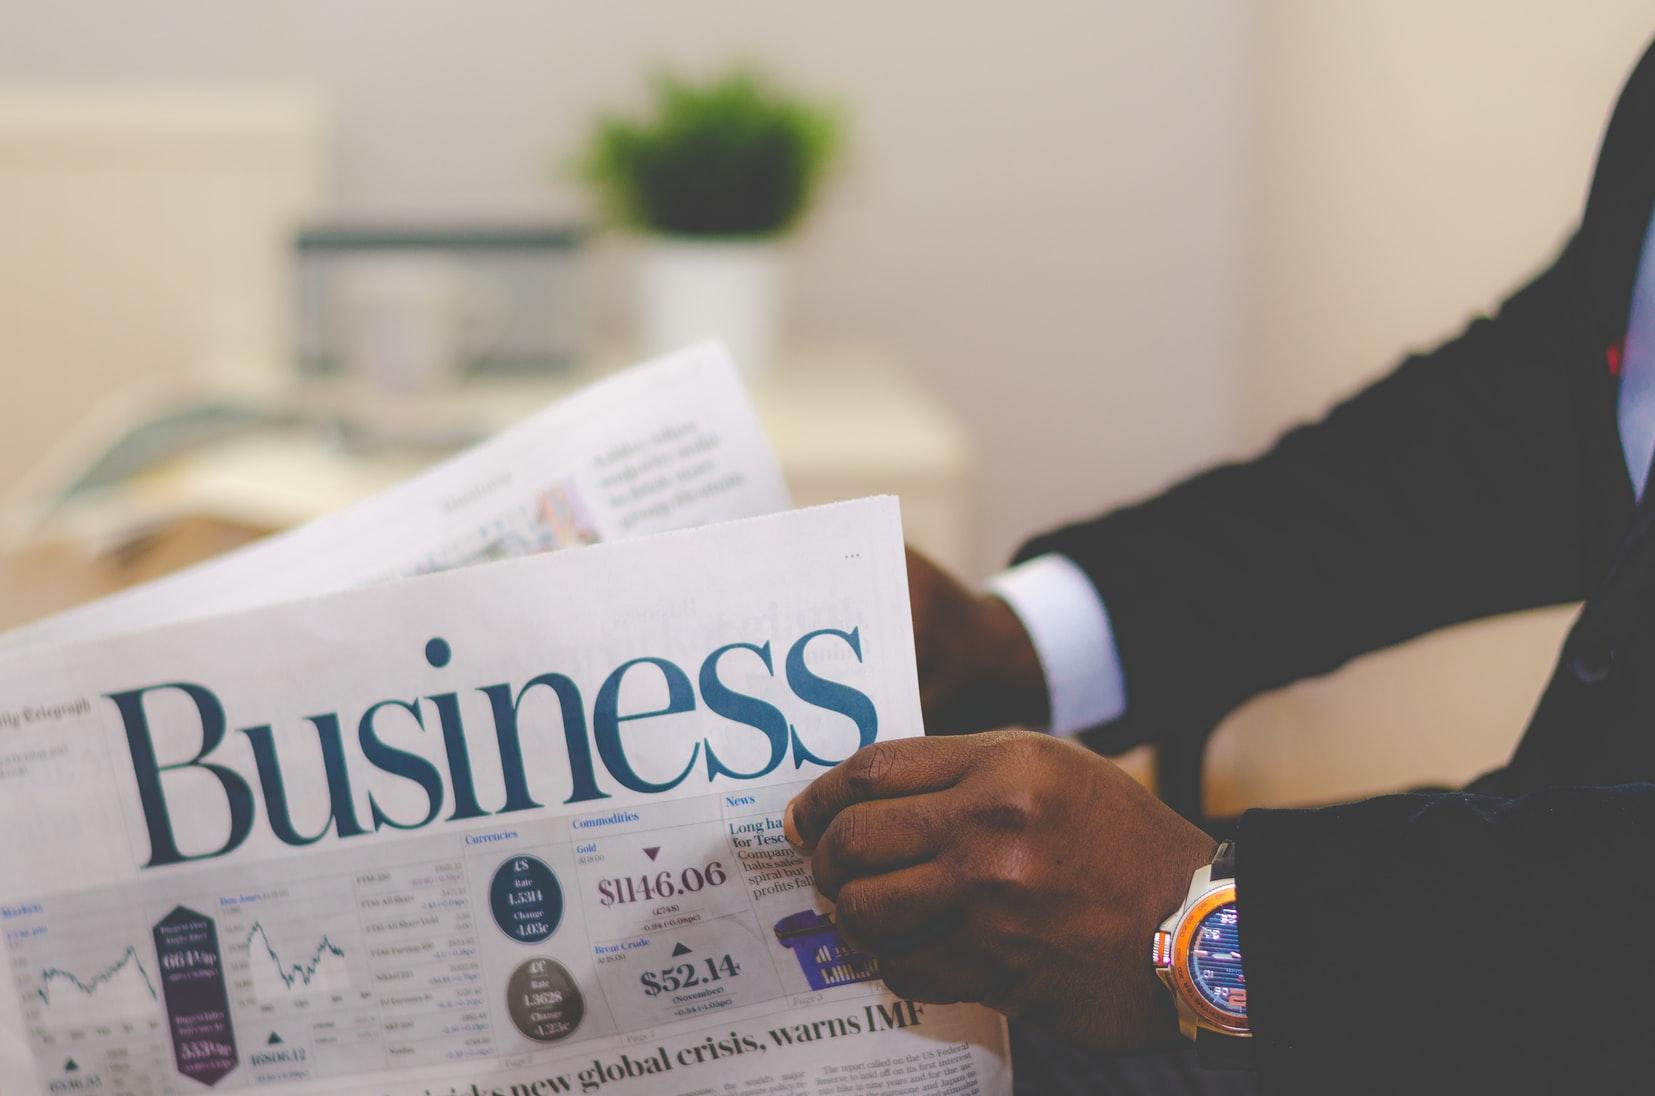 setor-contencioso-agrega-valor-as-empresas